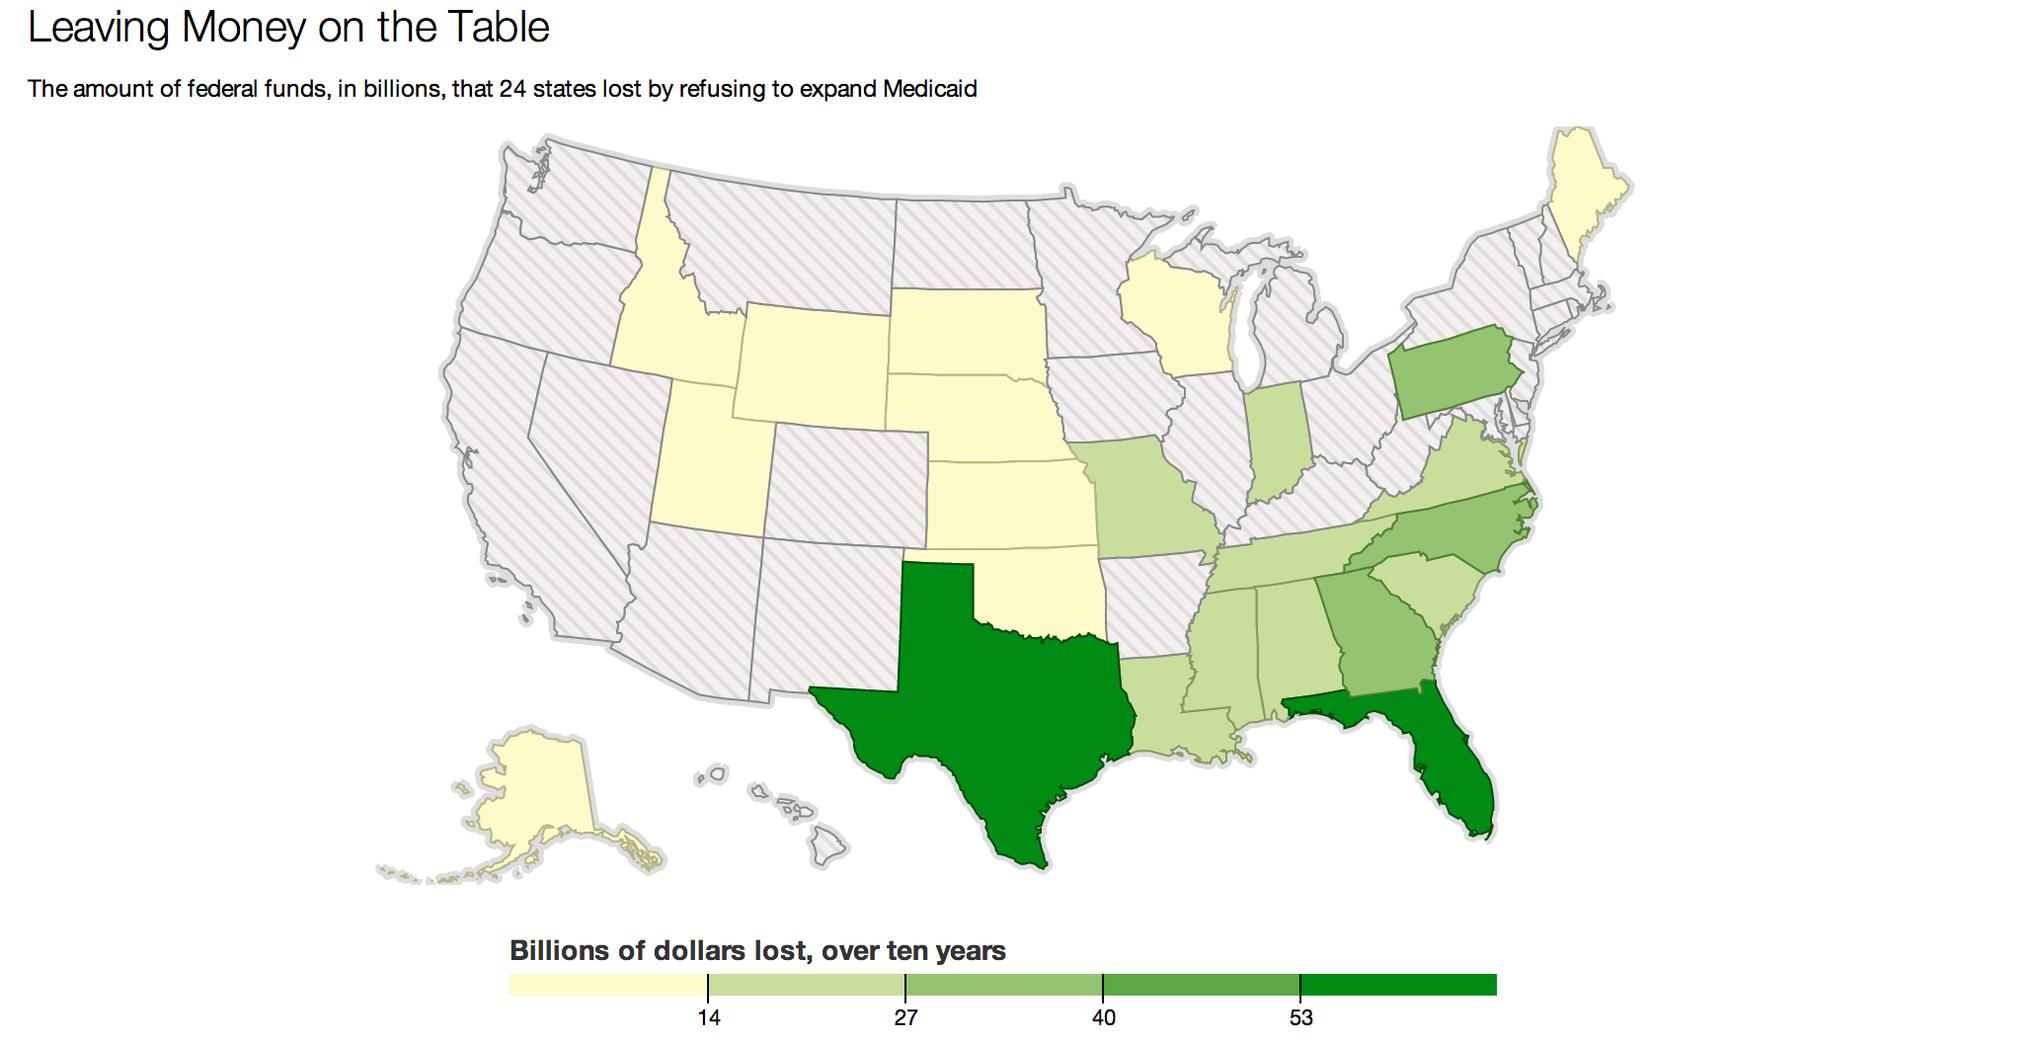 Medicaid_fund_maps